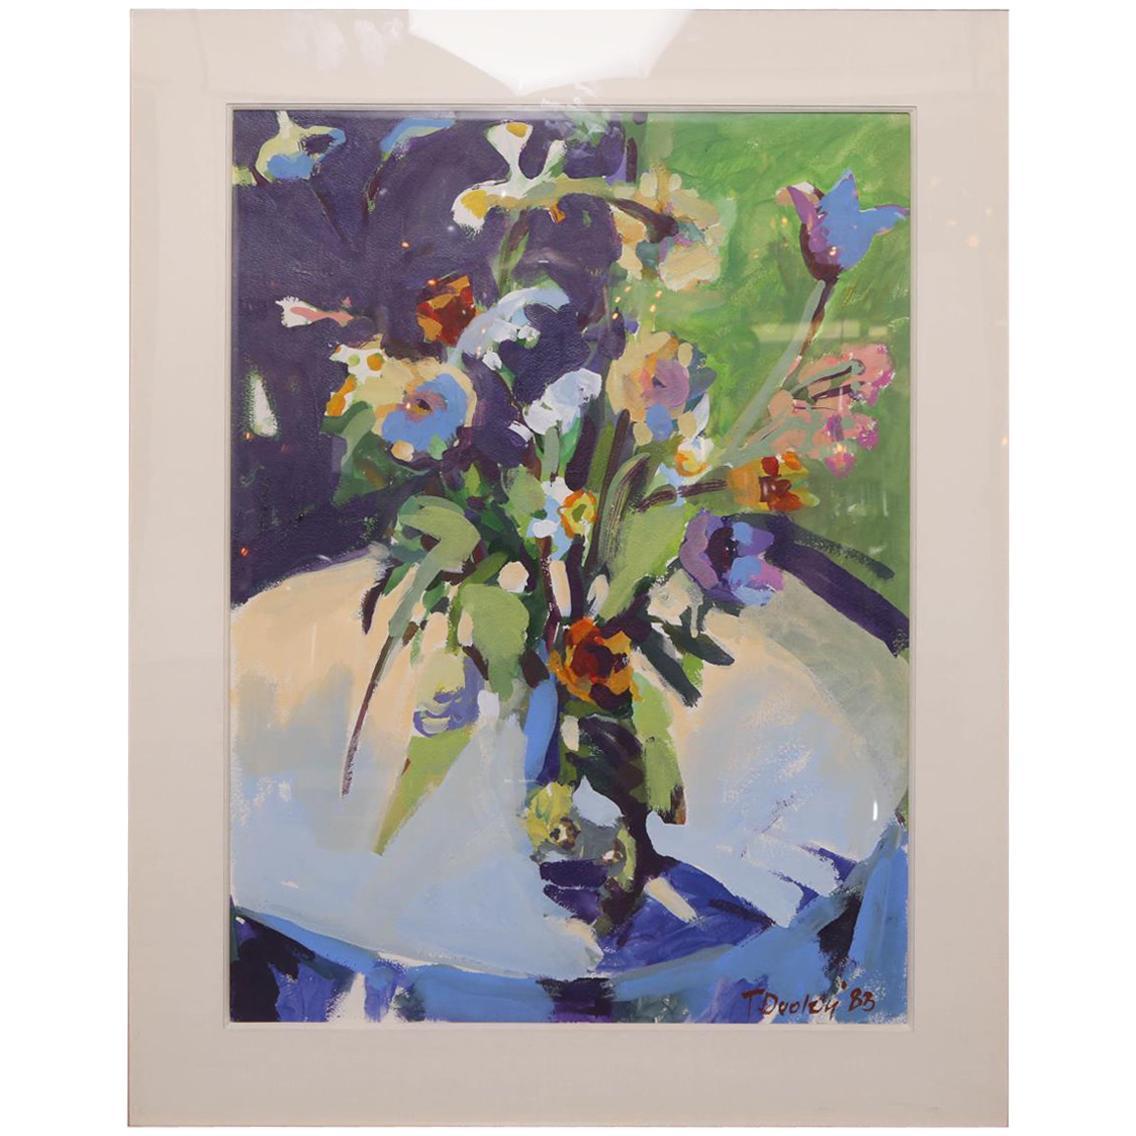 Postmodern Framed Still Life of a Floral Arrangement Signed T. Dooley